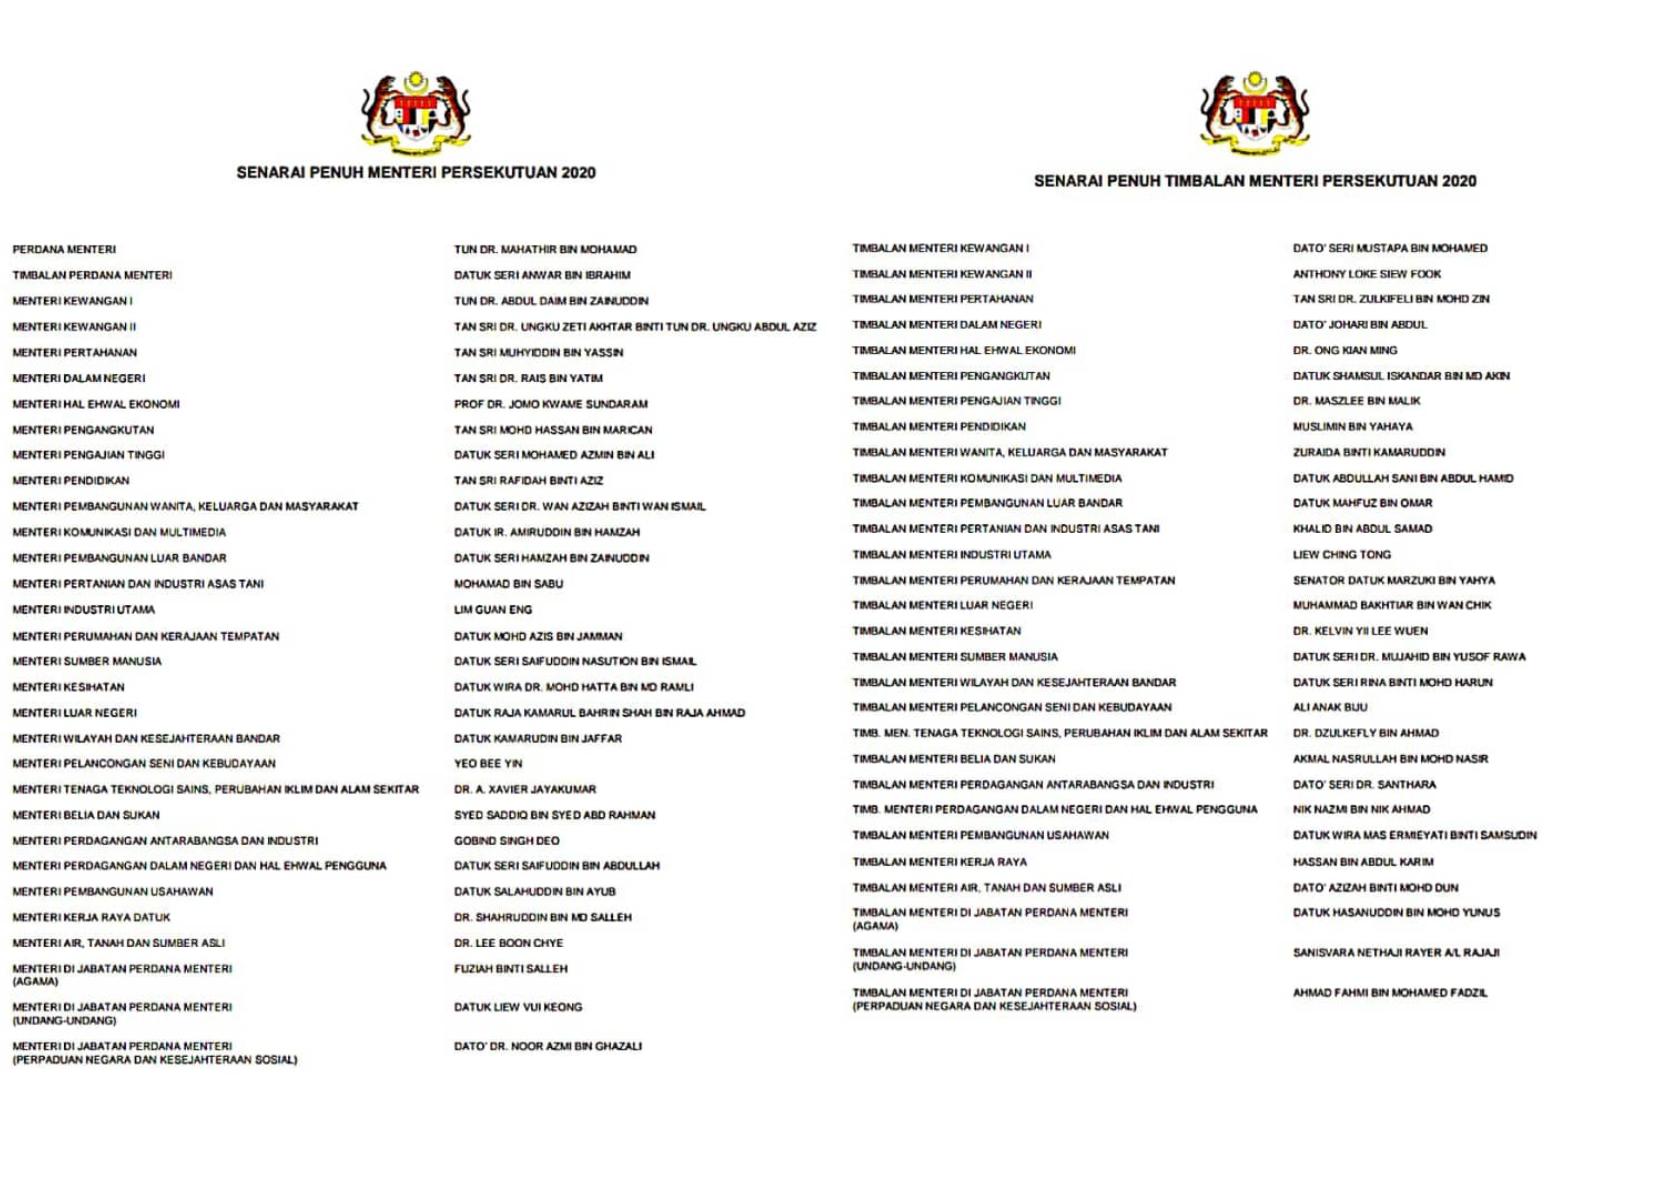 Senarai Penuh Kabinet Tahun 2020 Dikeluarkan Sebenarnya My